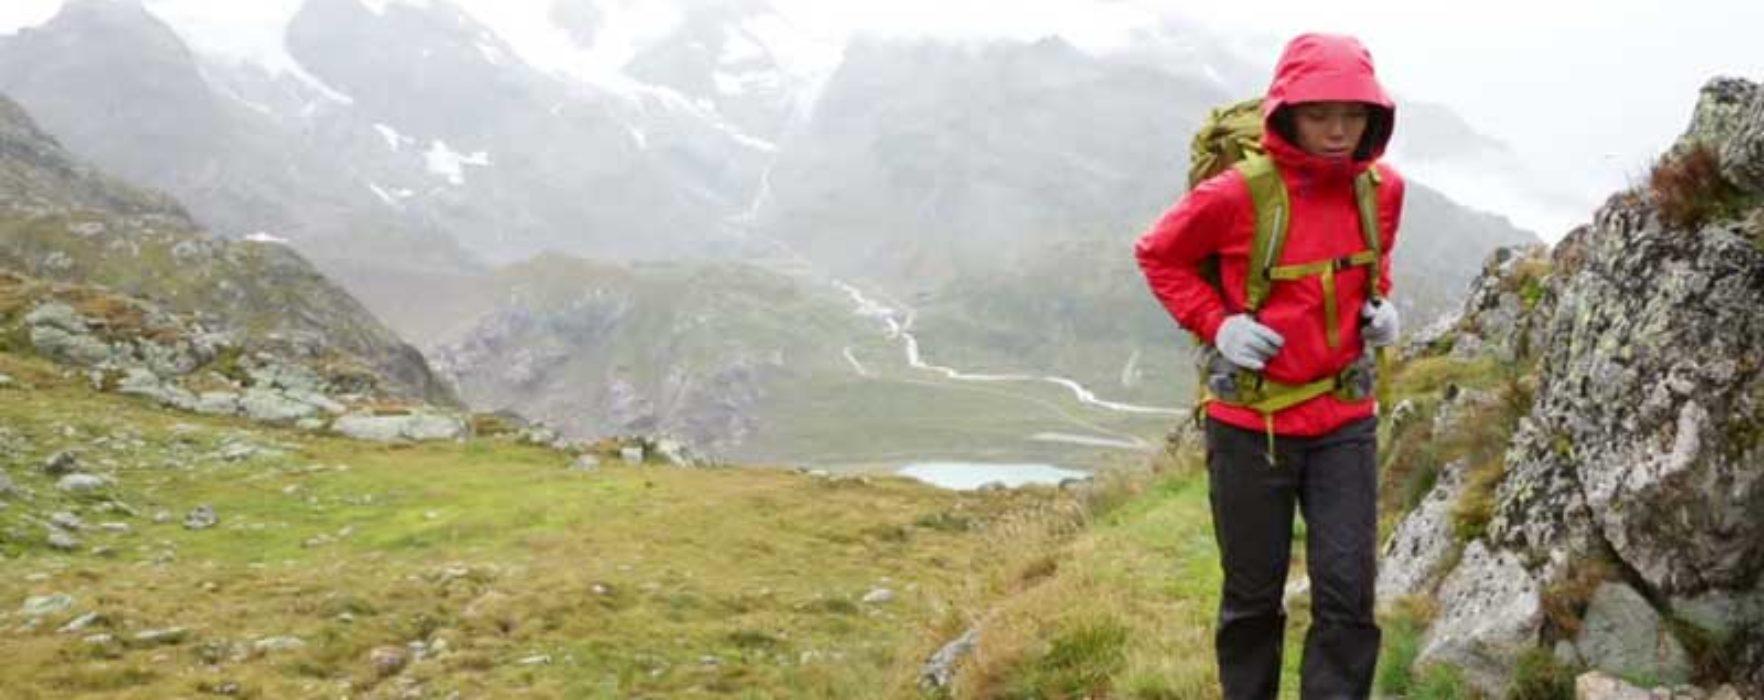 Dâmboviţa: Trei bărbaţi rătăciţi în zona montană Leaota, căutaţi cu elicopterul SMURD